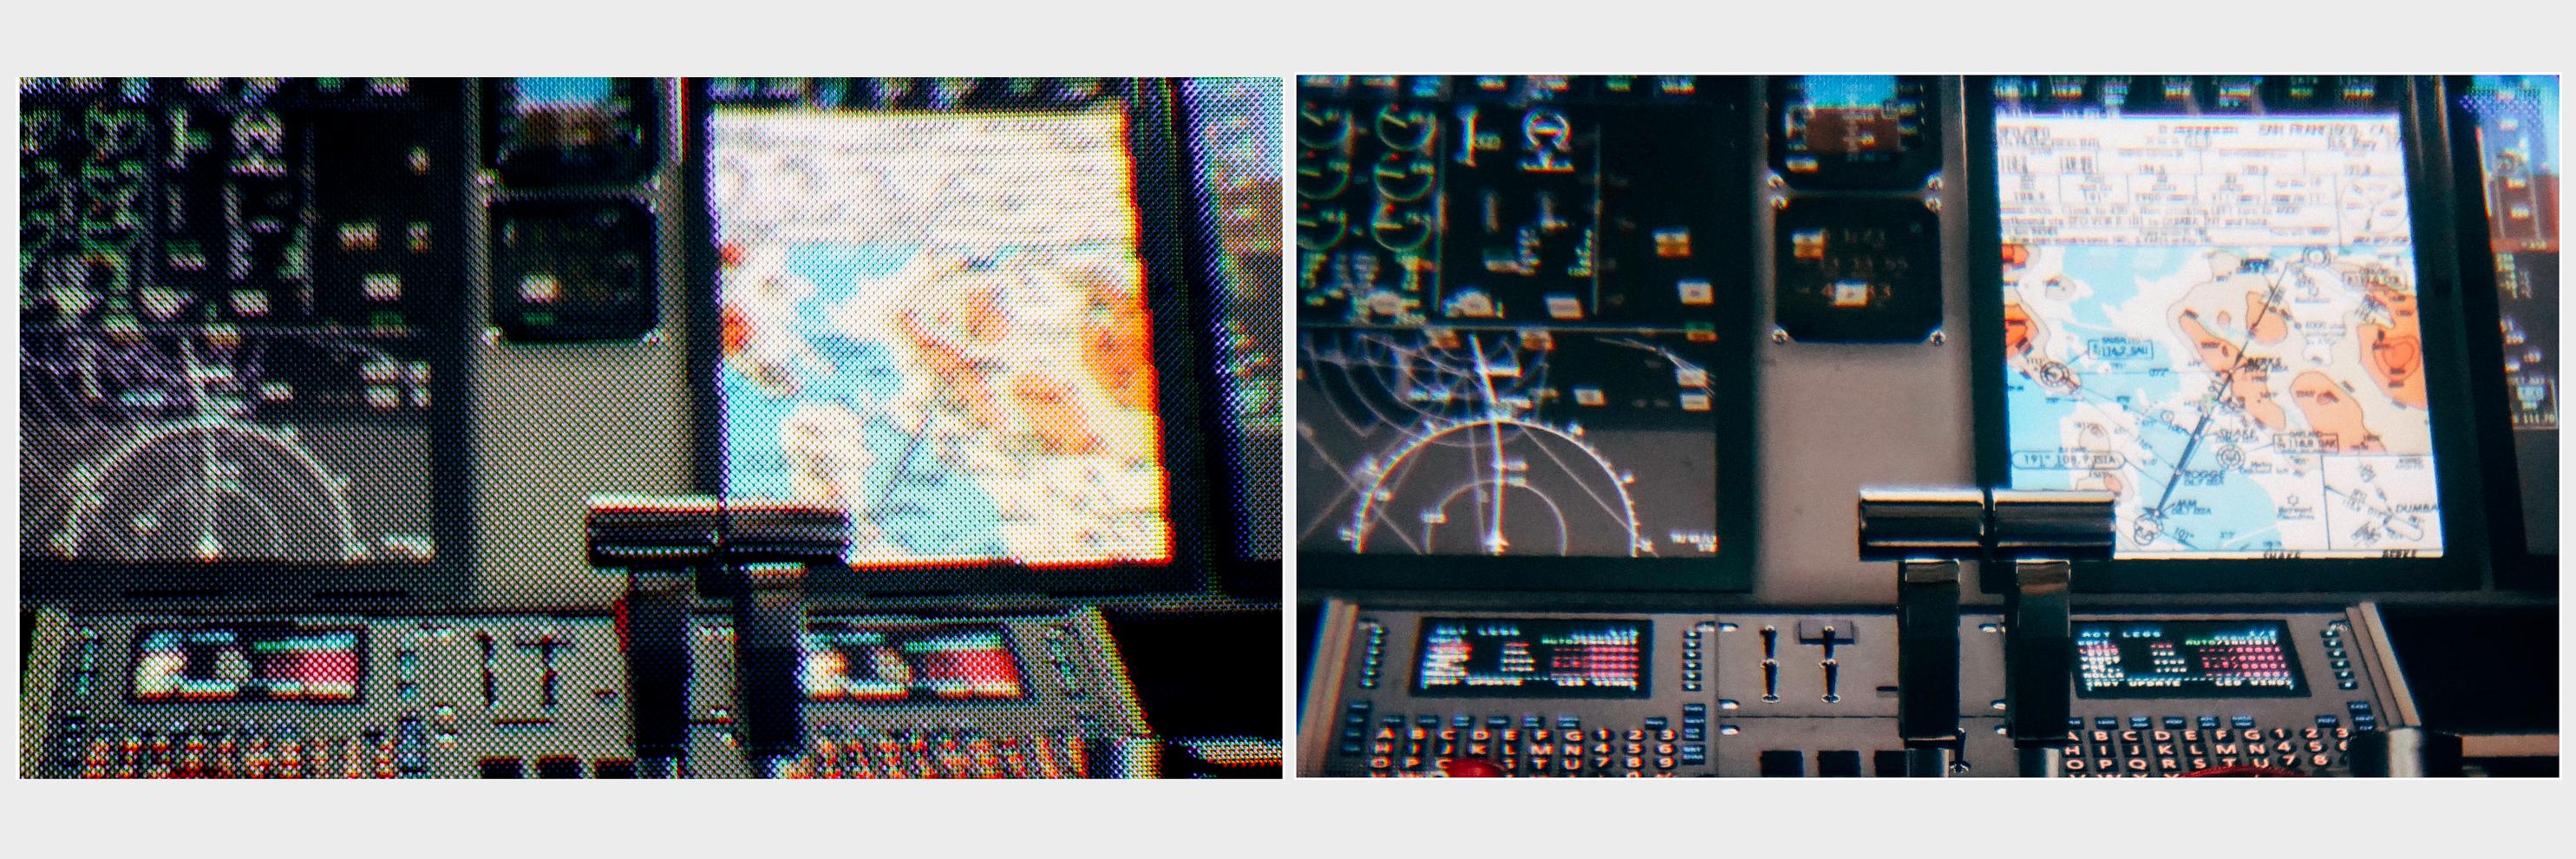 Dette bildet skal illustrere forskjellen mellom Oculus Rift-skjermen (t.v.) og den nye skjermen til Varjo.